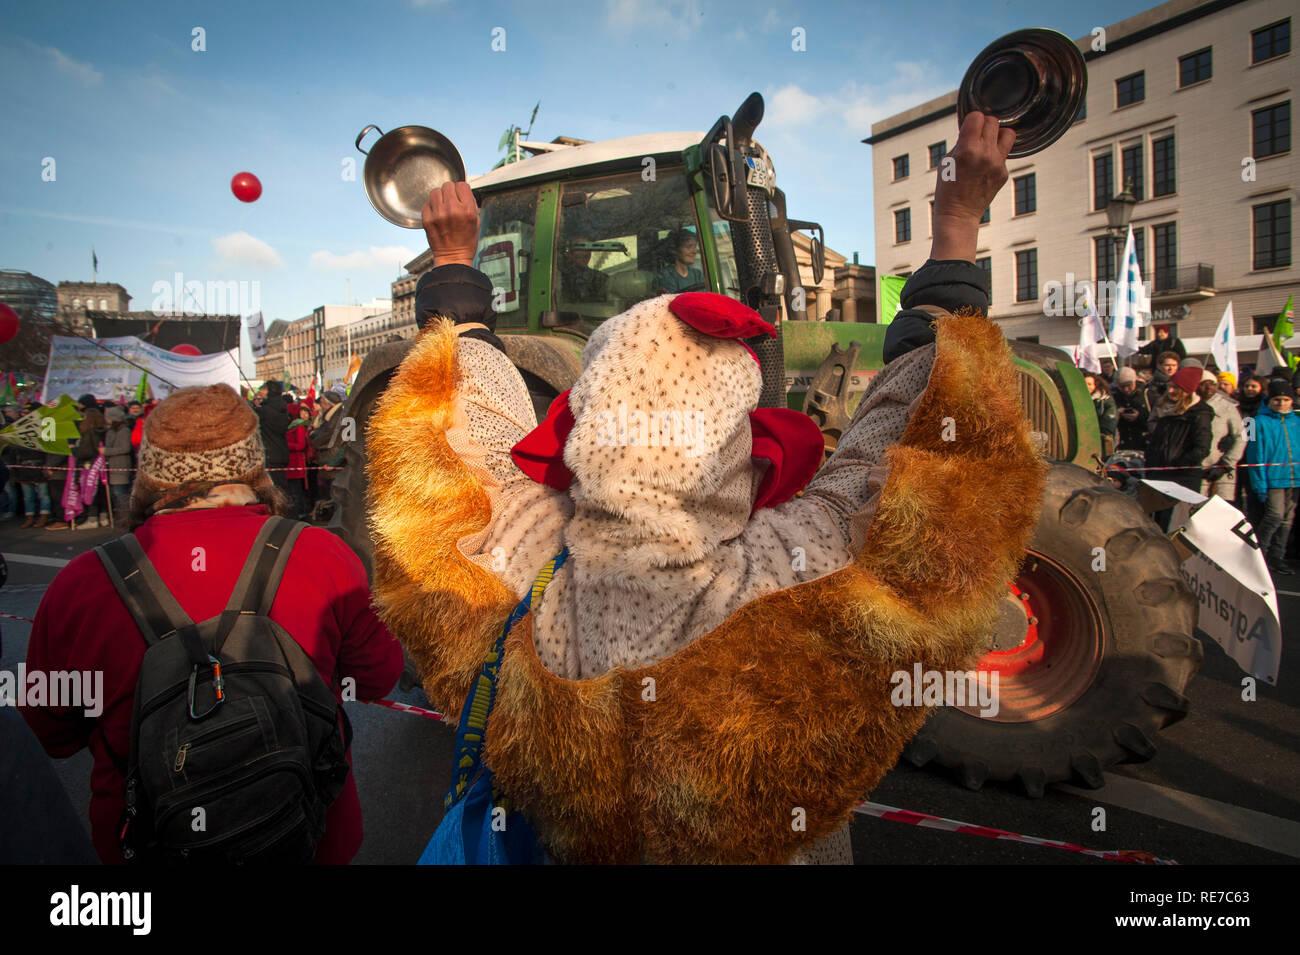 """Demonstranten """"Wir haben Satt' - wir sind oben eingezogen - Demonstration in Berlin in 2019. Stockbild"""